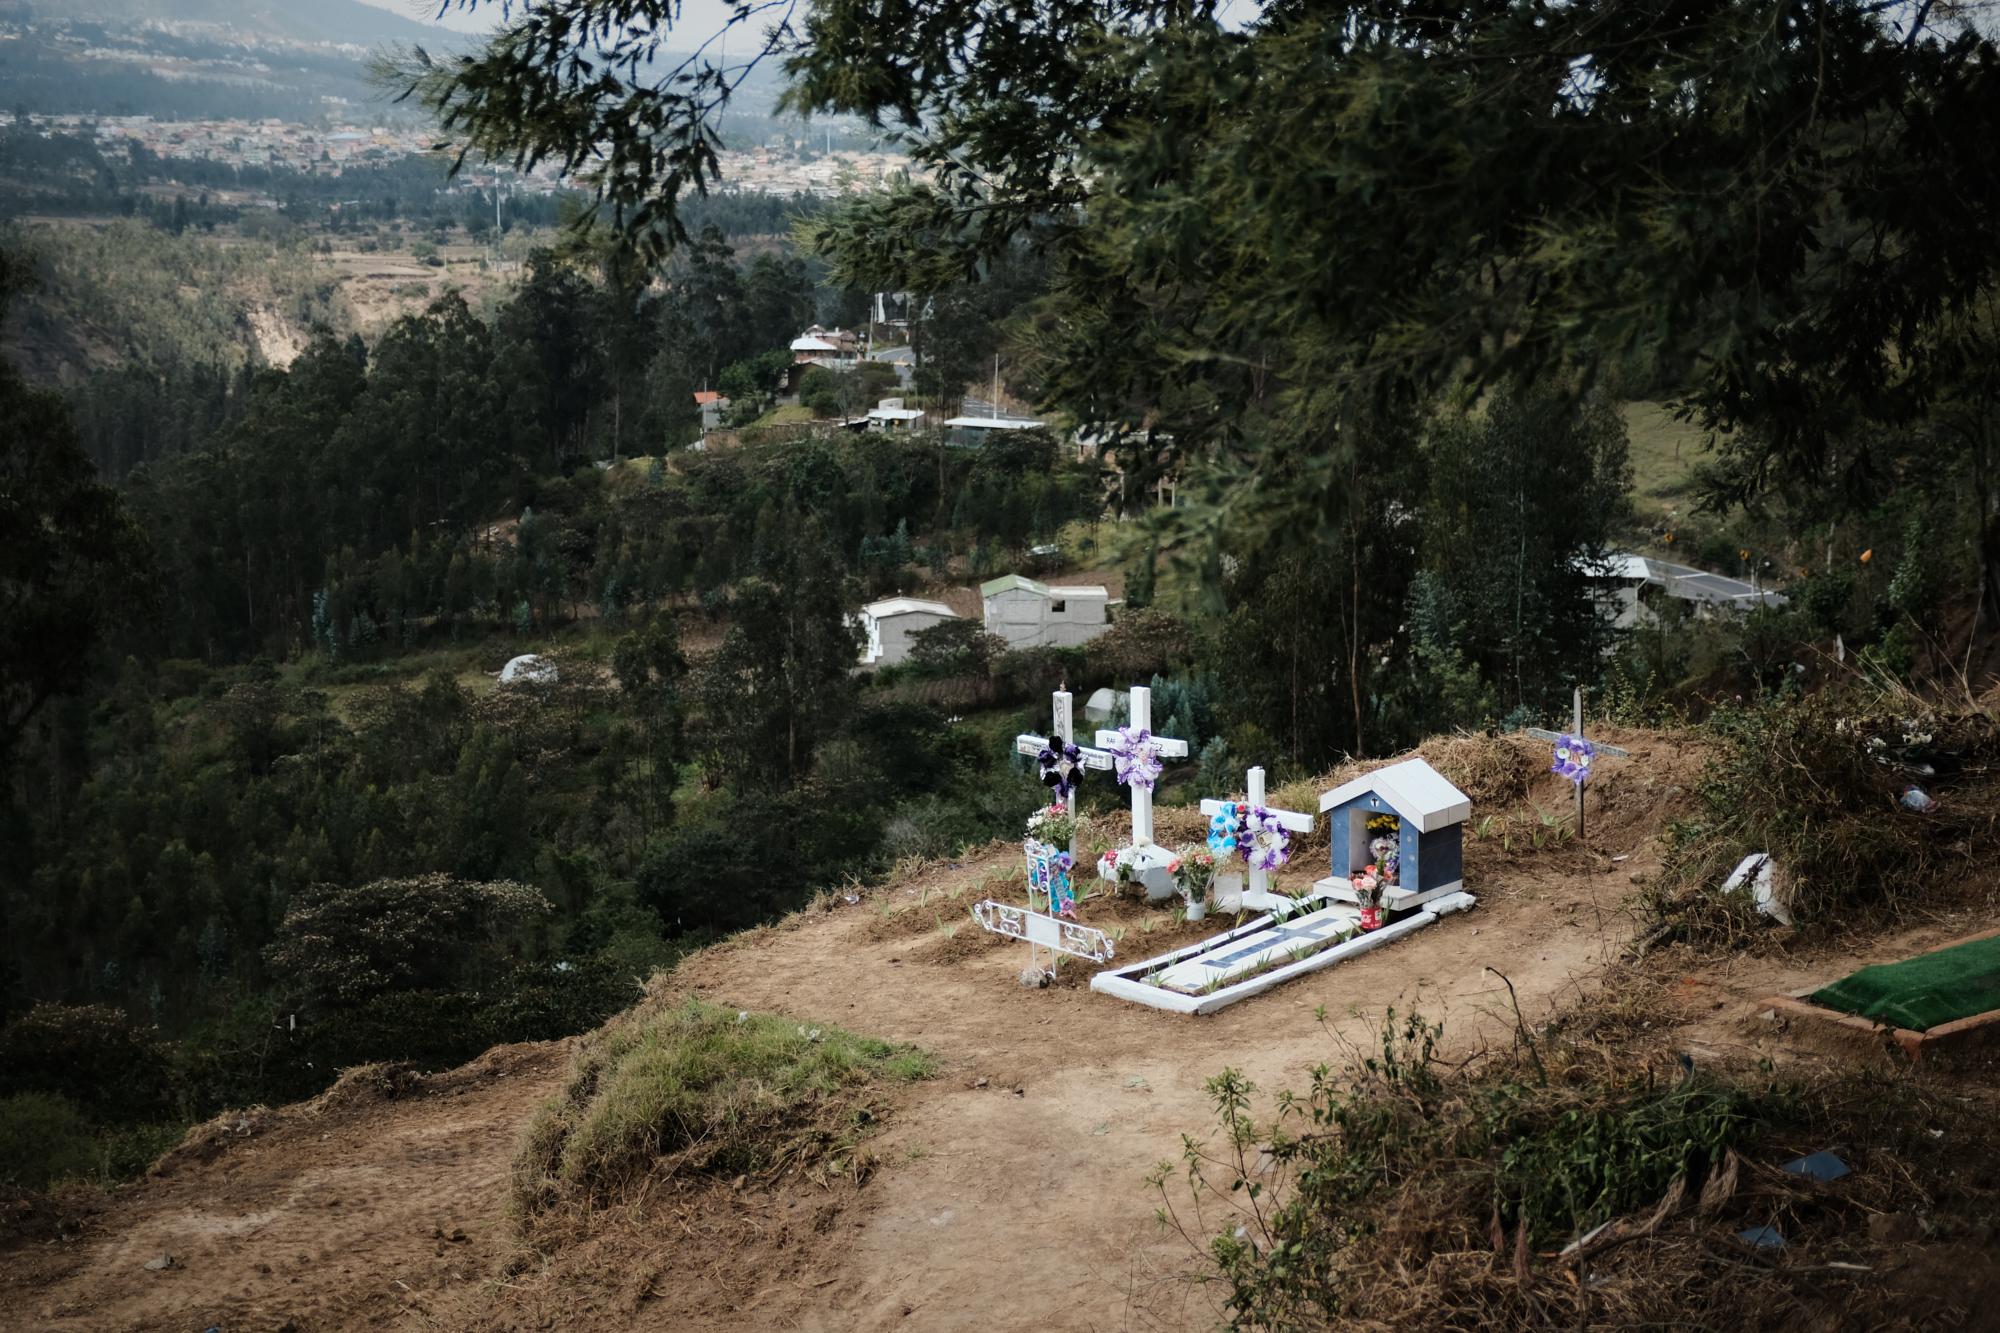 Guangopolo, Ecuador